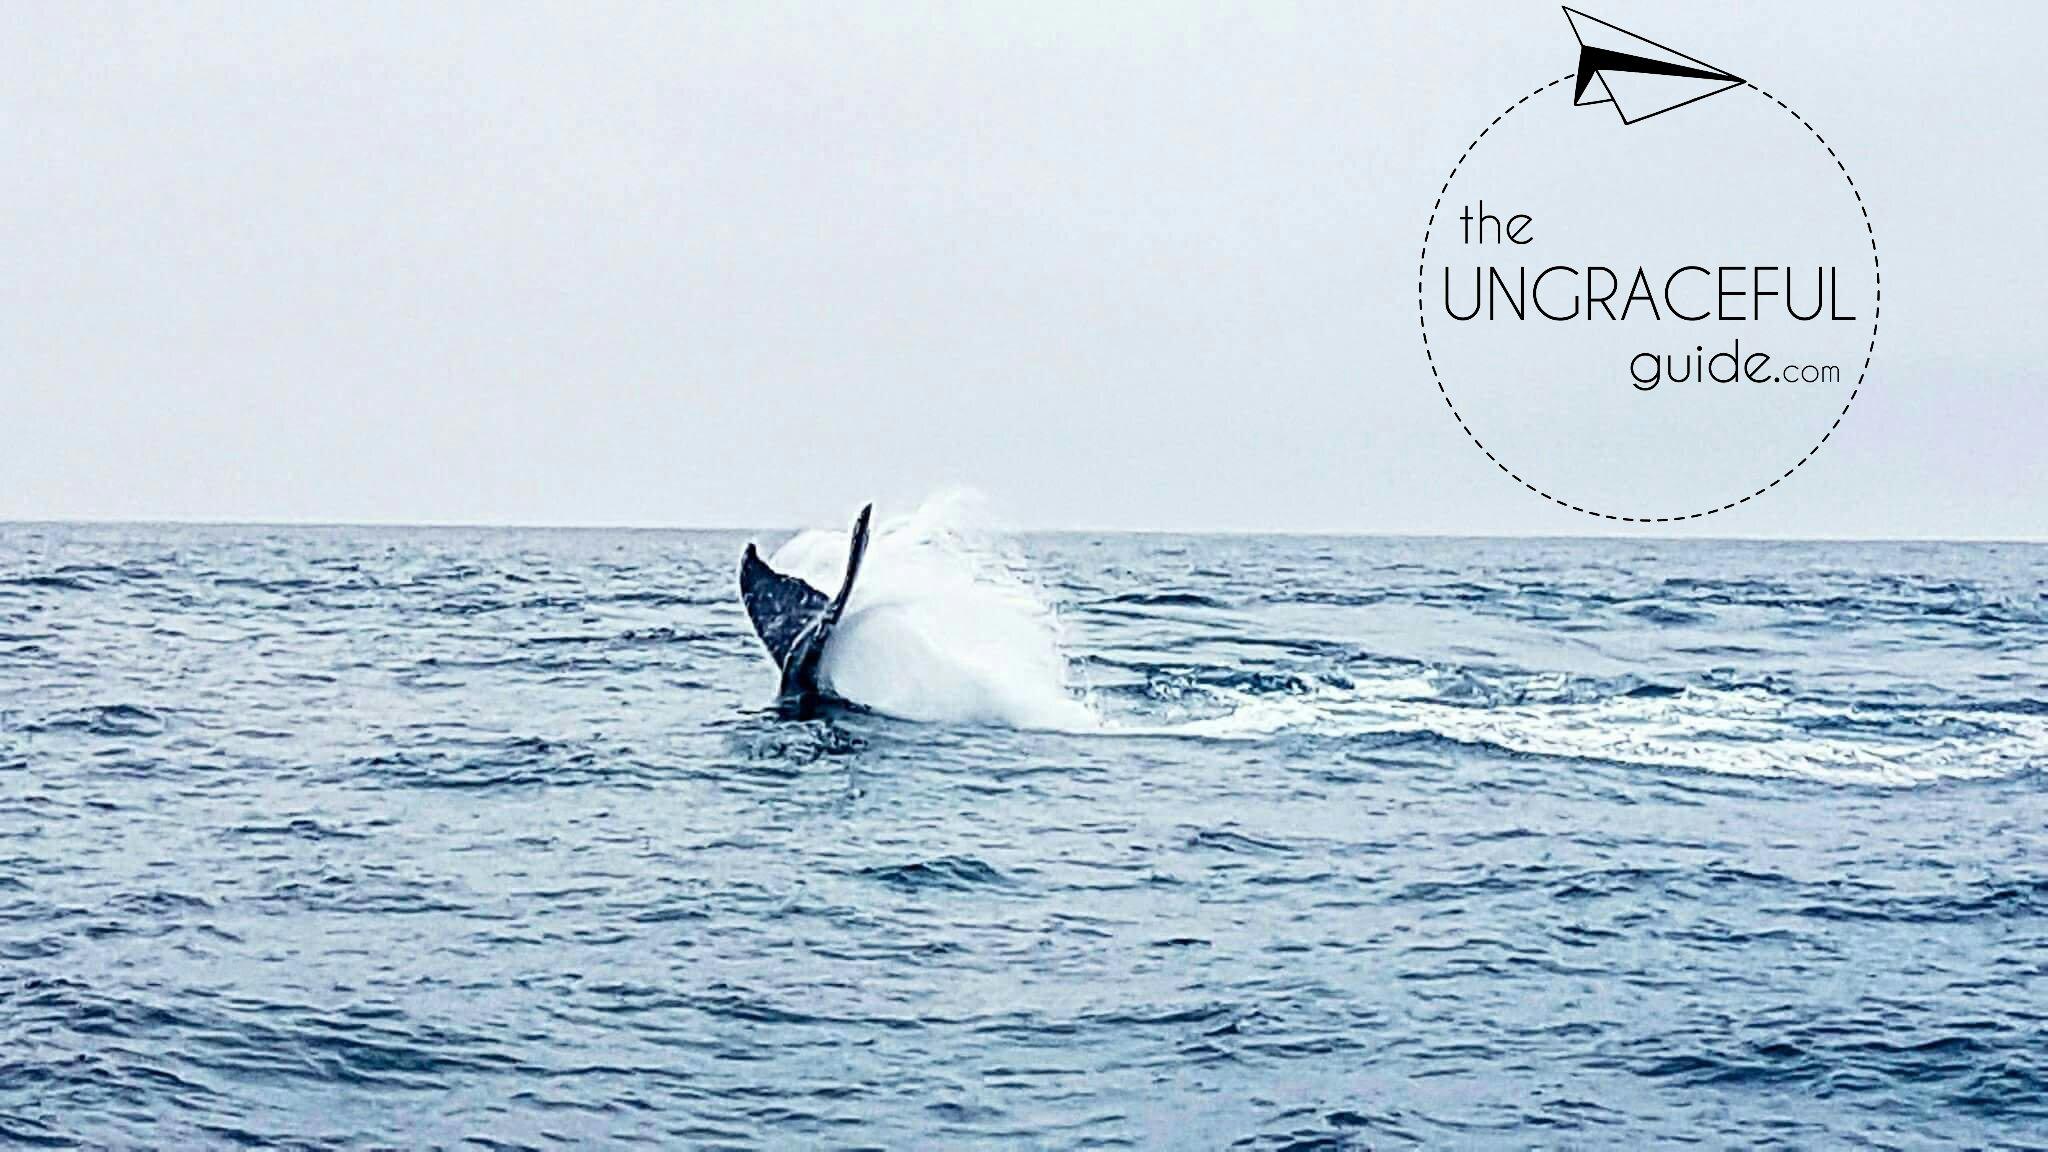 """<img src=""""data:image/gif;base64,R0lGODdhAQABAPAAAP///wAAACwAAAAAAQABAEACAkQBADs="""" data-lazy-src=""""images/"""" width=""""800"""" height=""""600"""" alt=""""puerto lópez - 2017 10 08 19 890852215 - Ecuador: Whale Watching in Puerto López"""">"""